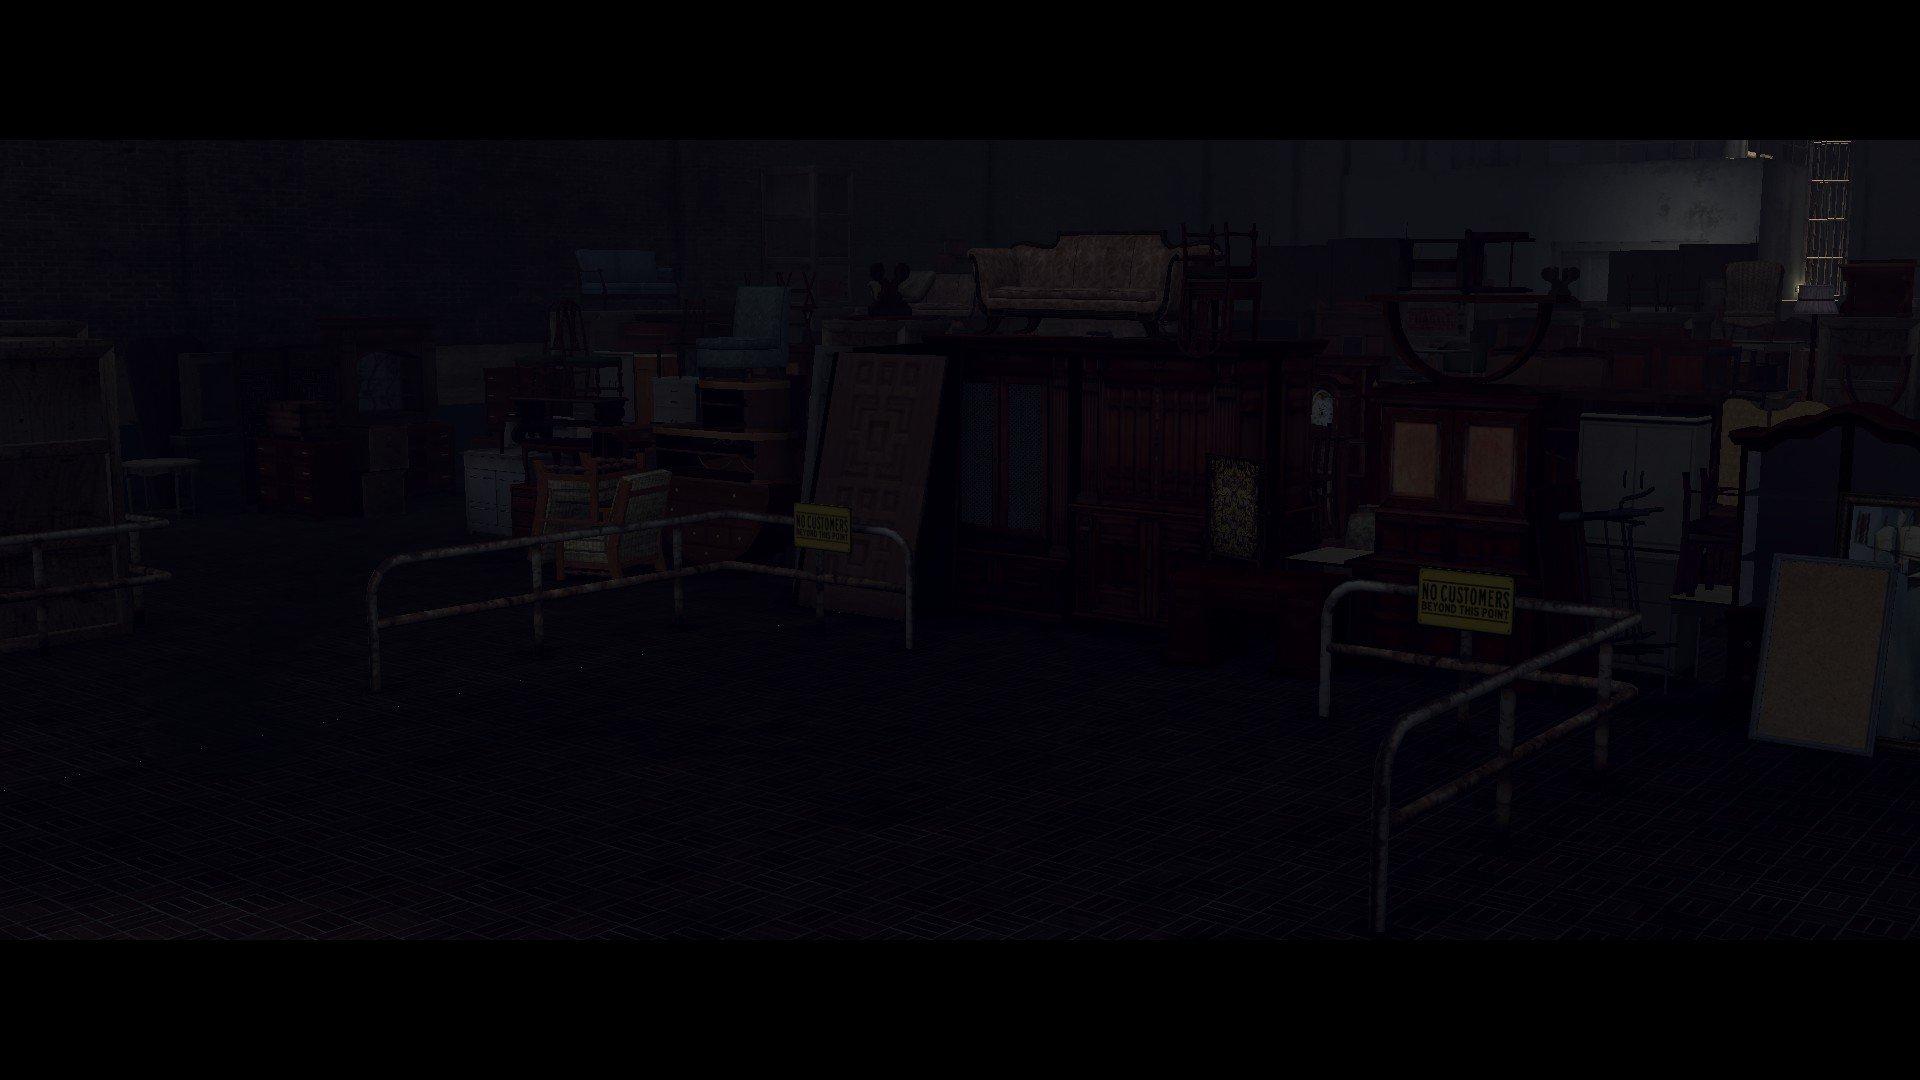 Пост-прохождение L.A. Noire Часть 14 - Изображение 50